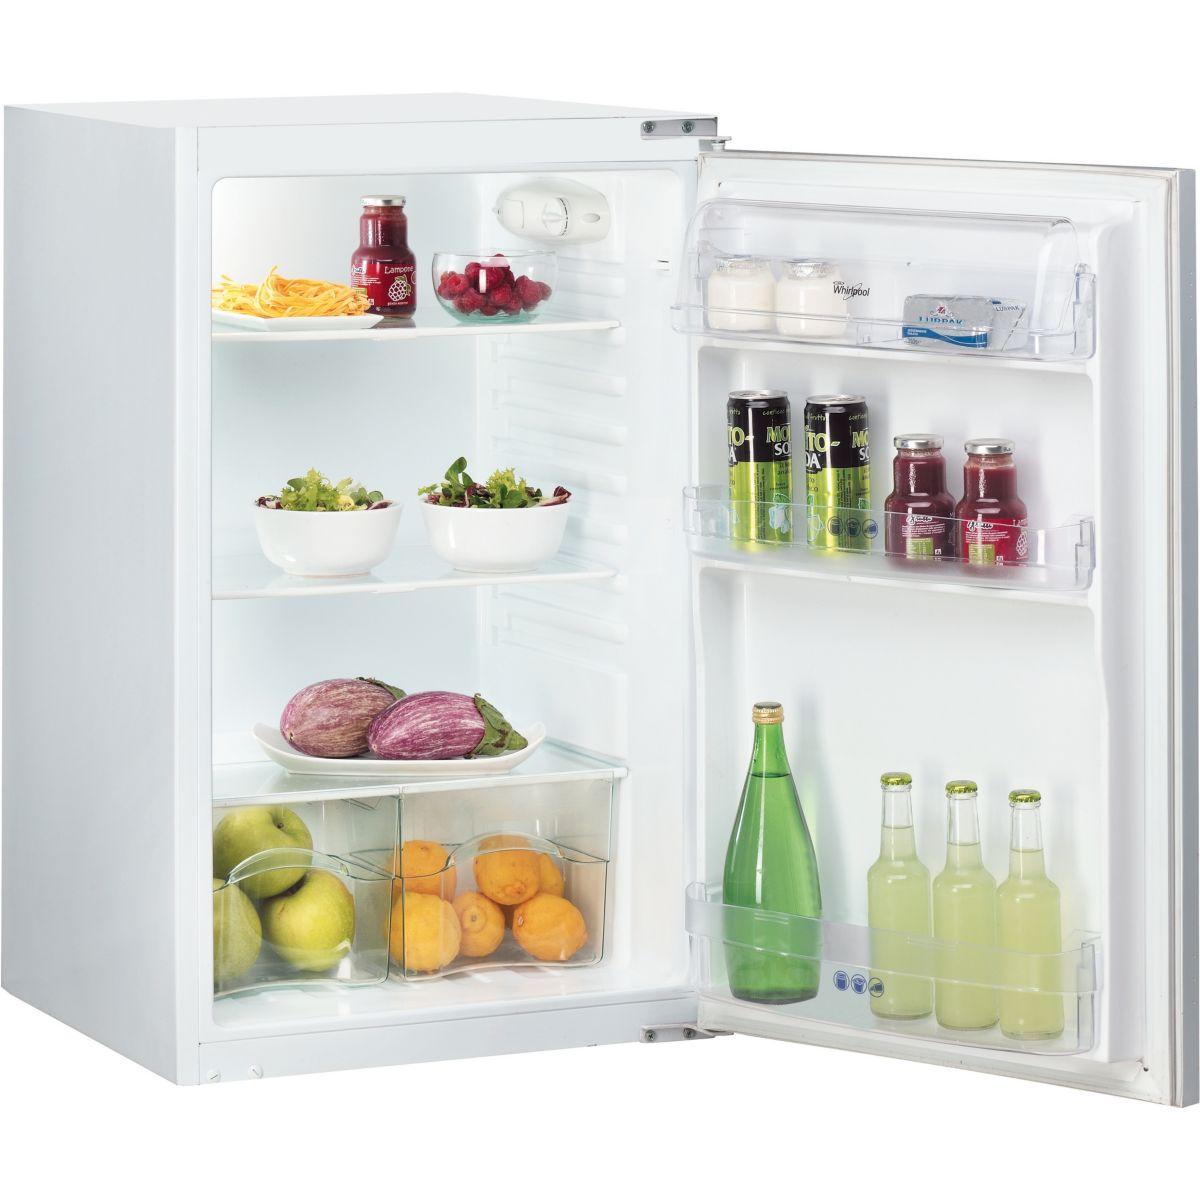 Réfrigérateur encastrable whirlpool arg451/a+ - 15% de remise immédiate avec le code : cool15 (photo)